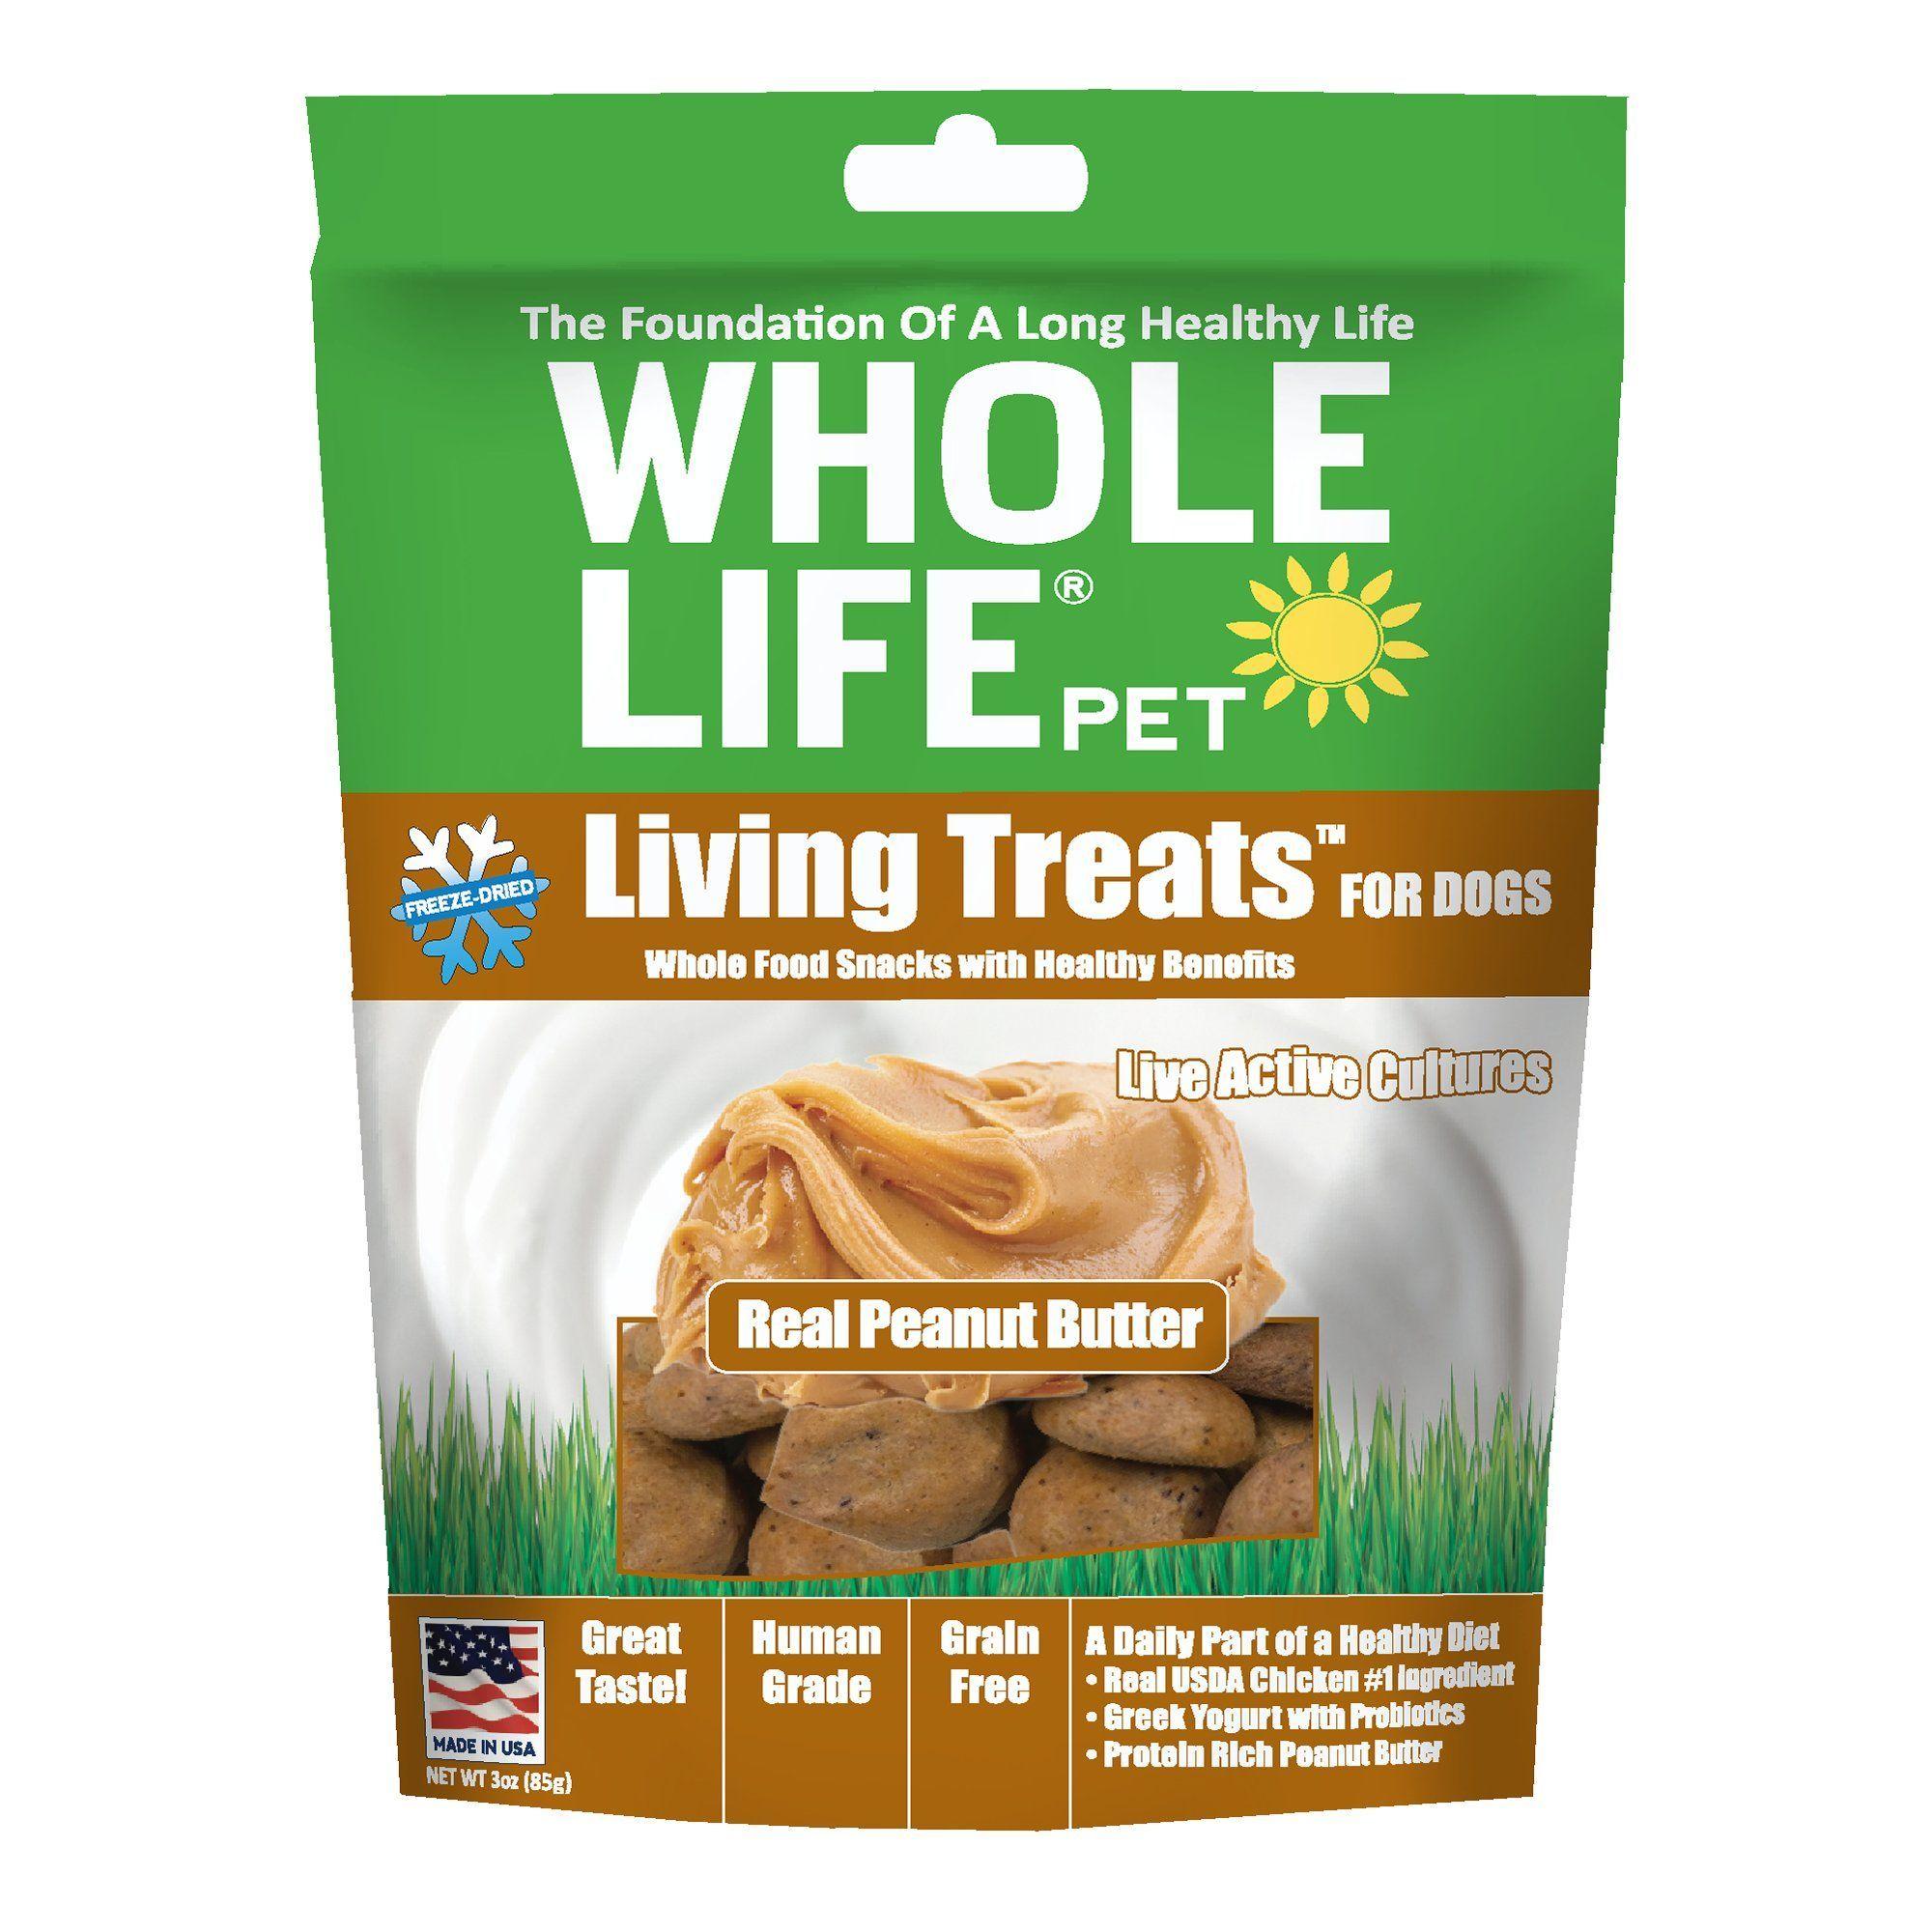 Whole Life Pet Living Treats USA Freeze Dried Peanut